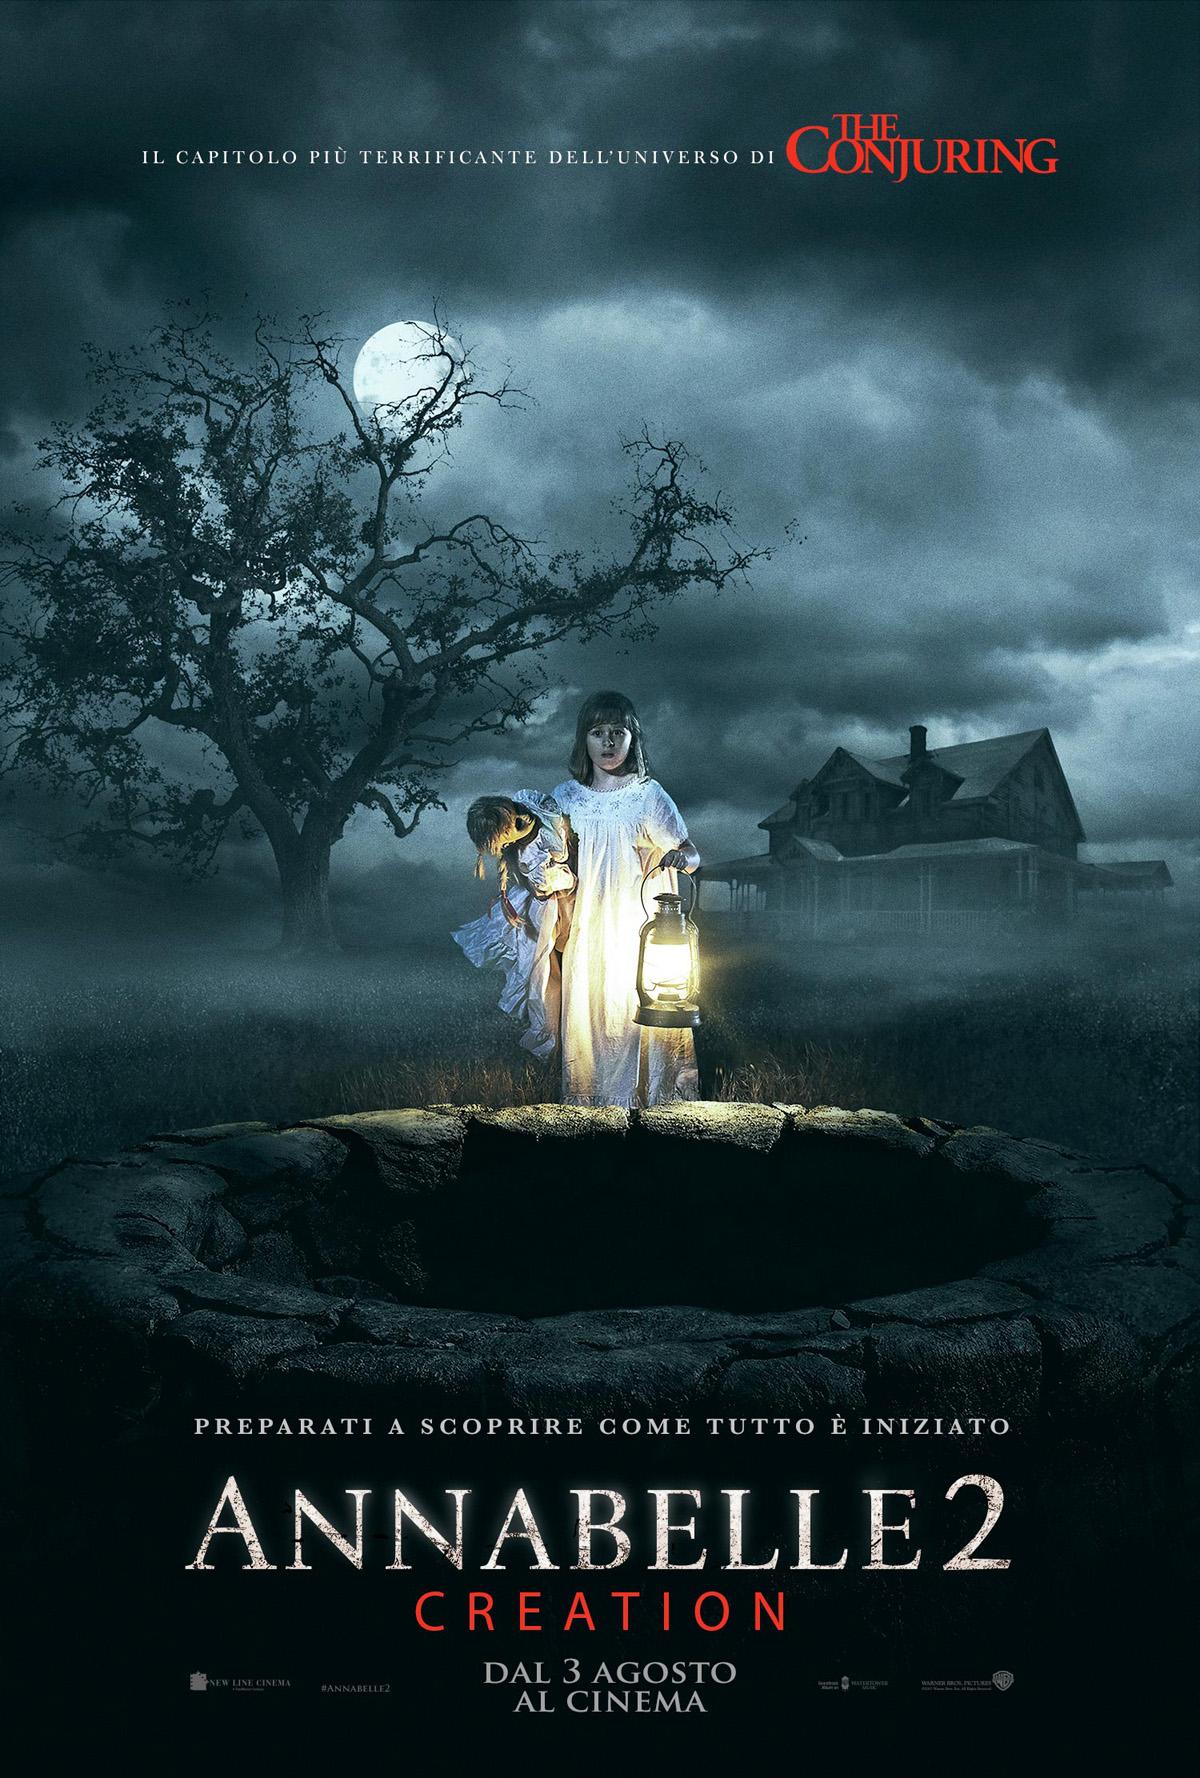 Annabelle 2: Creation - Poster Italiano del film